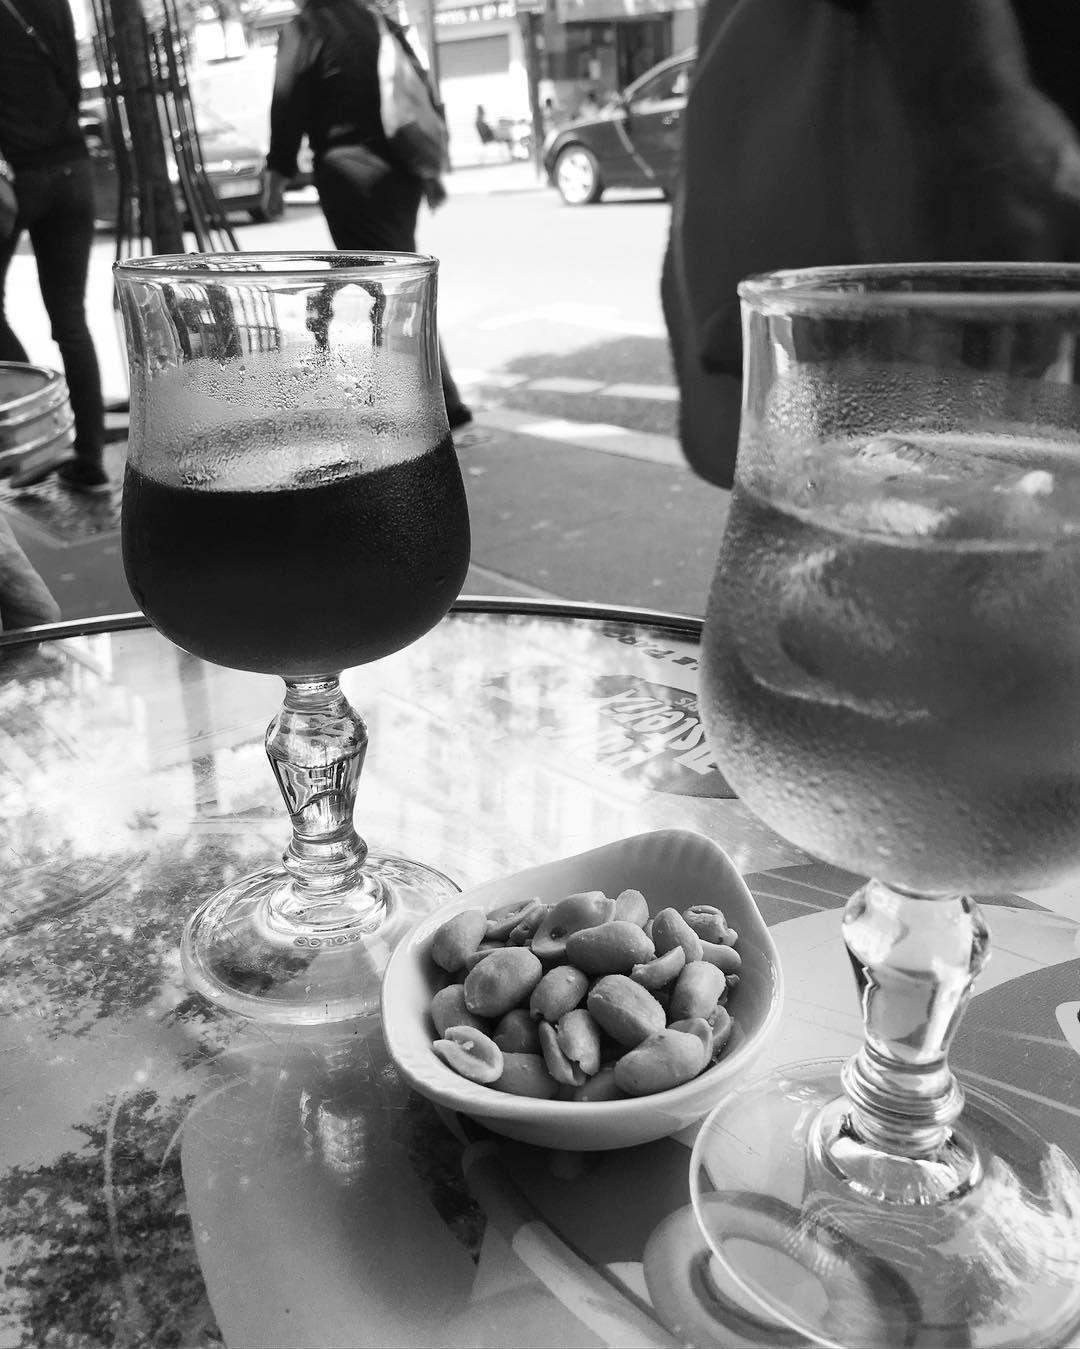 Je Suis En Terrasse finally je suis en terrasse. condensation on cool wine